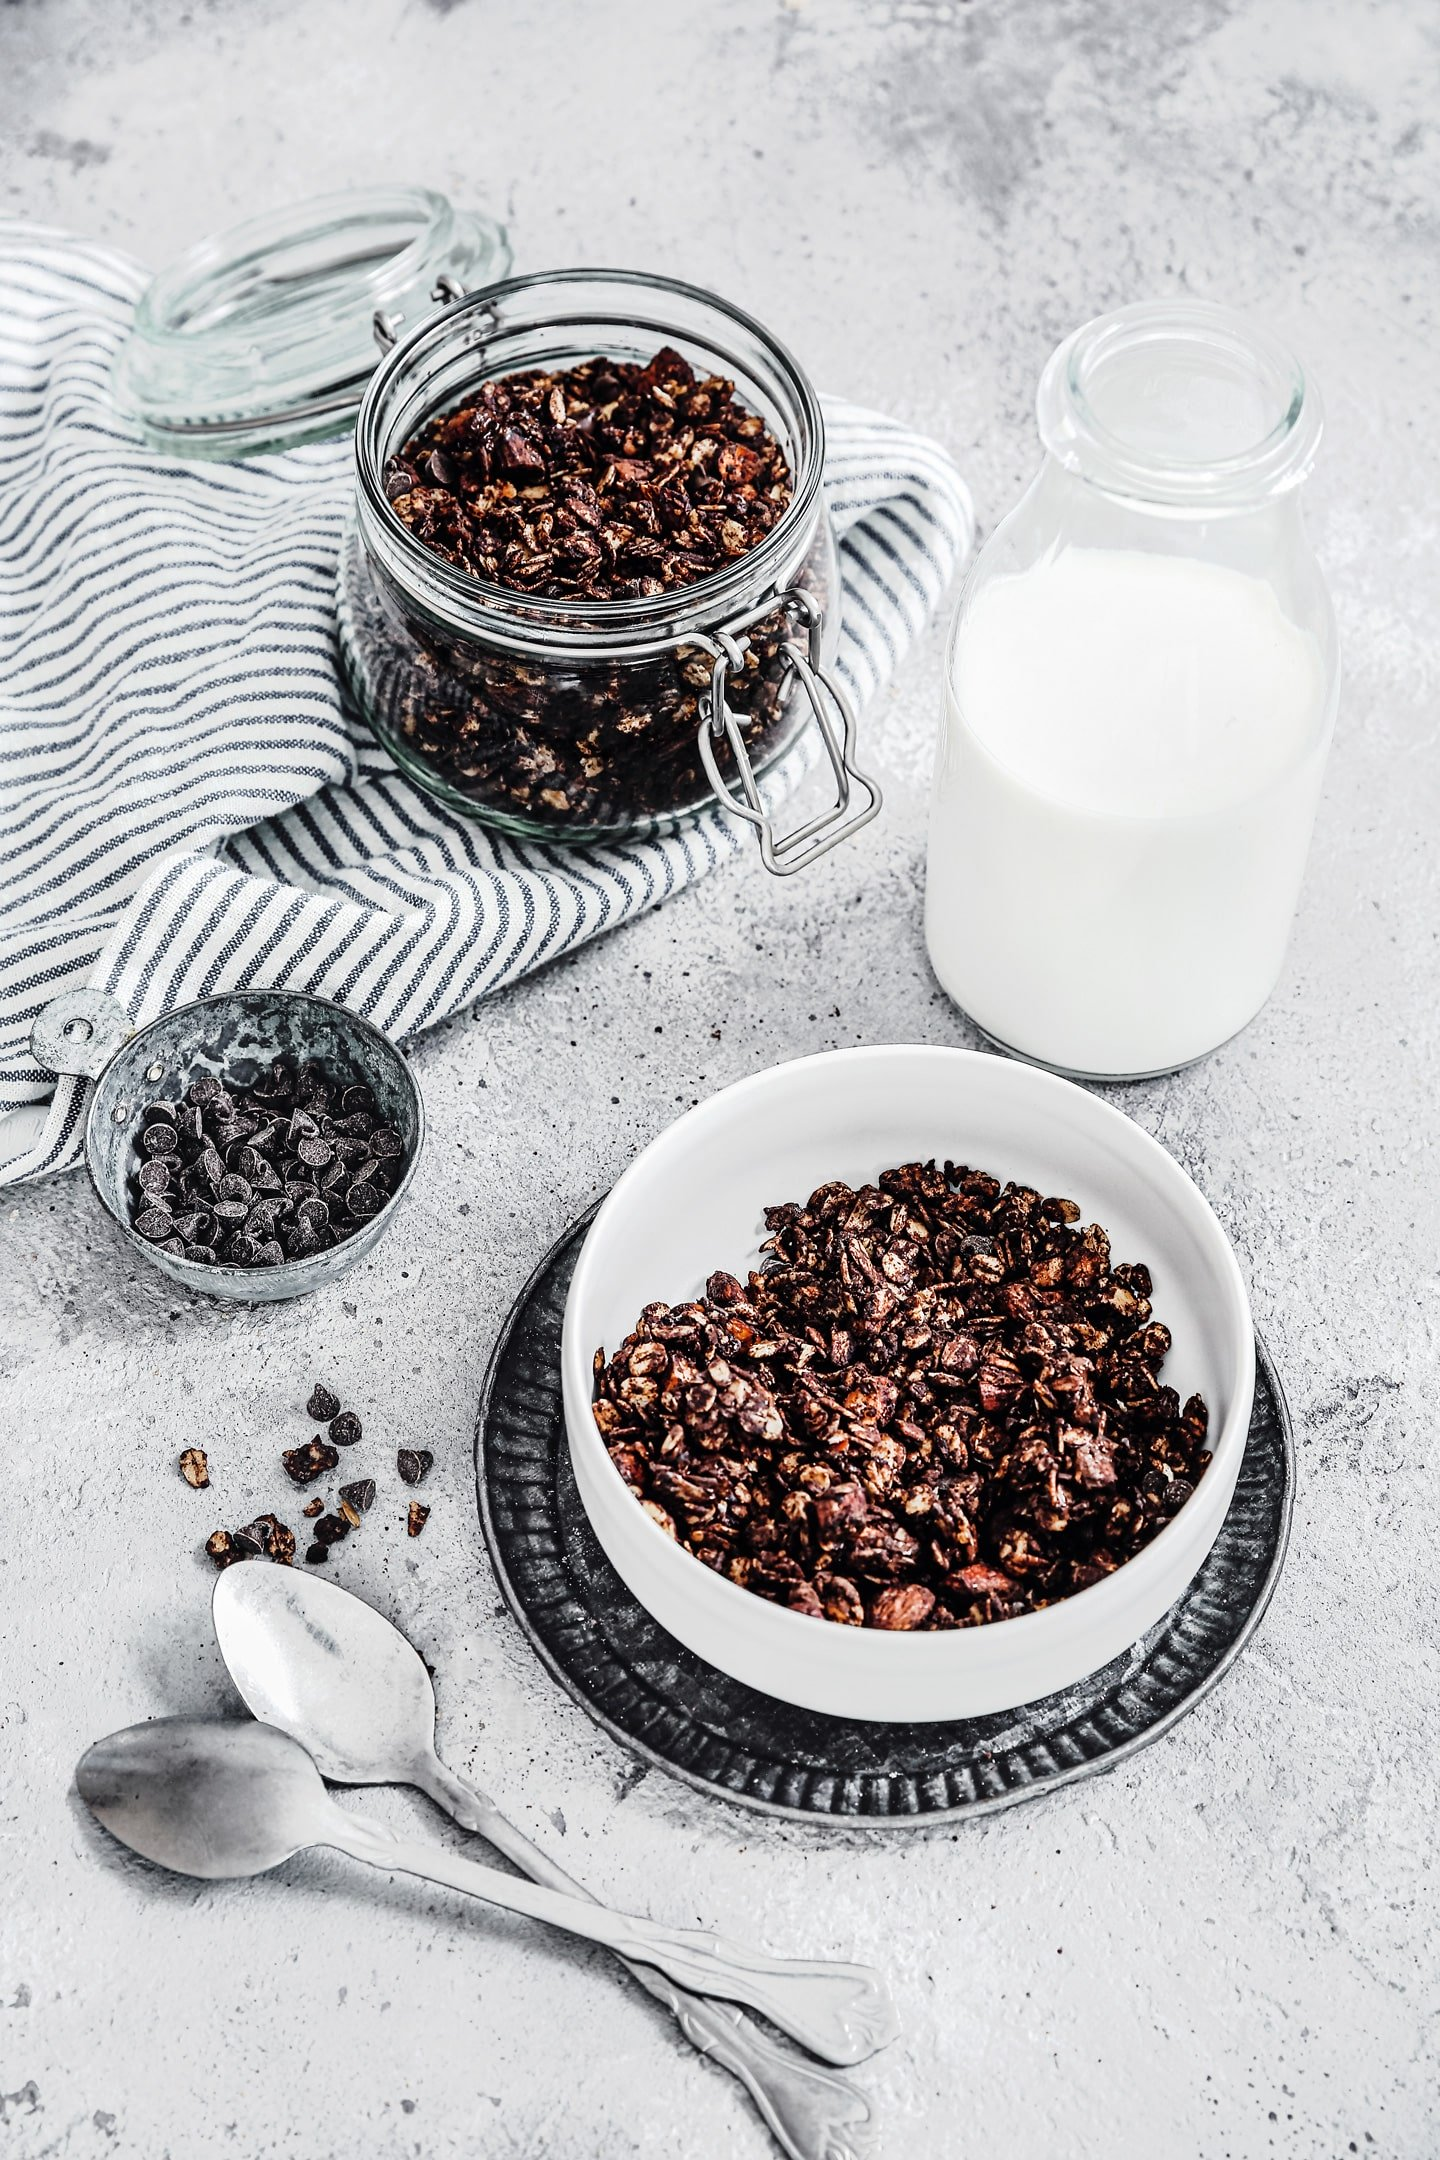 Recette facile et rapide du granola maison chocolat